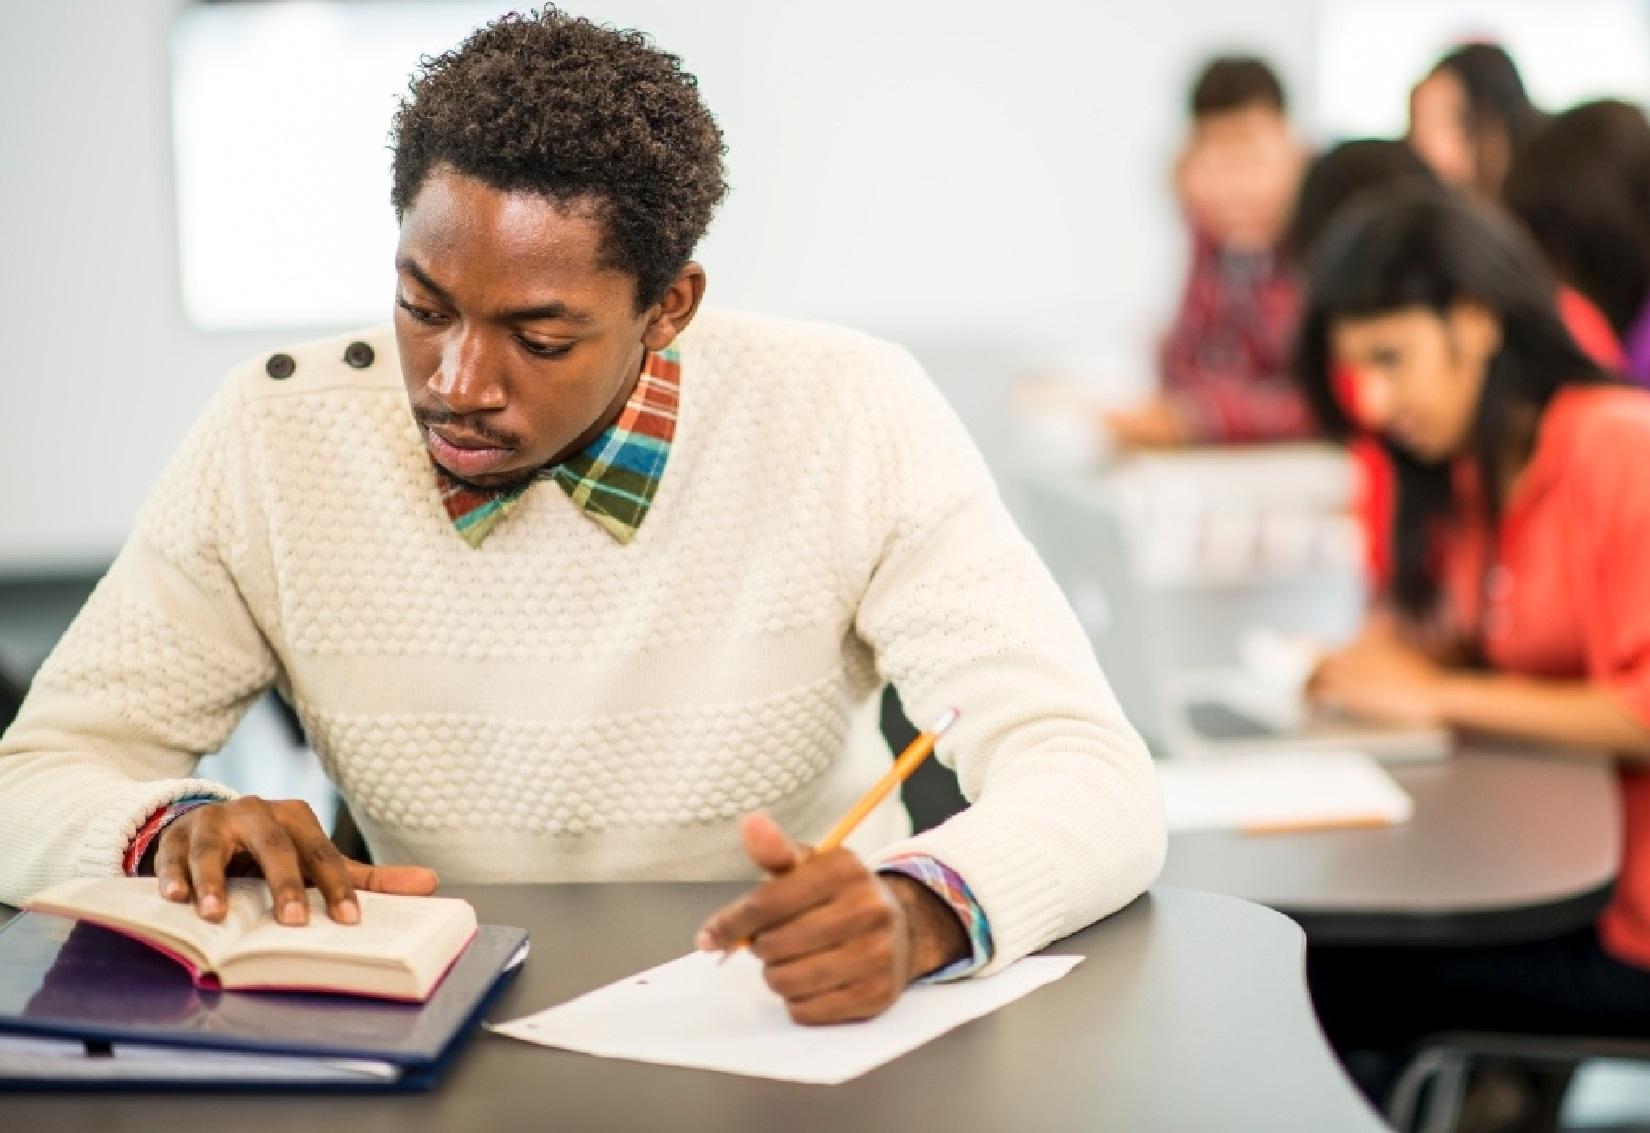 Estudo aponta desigualdade no estudo entre negros e brancos - Anasps